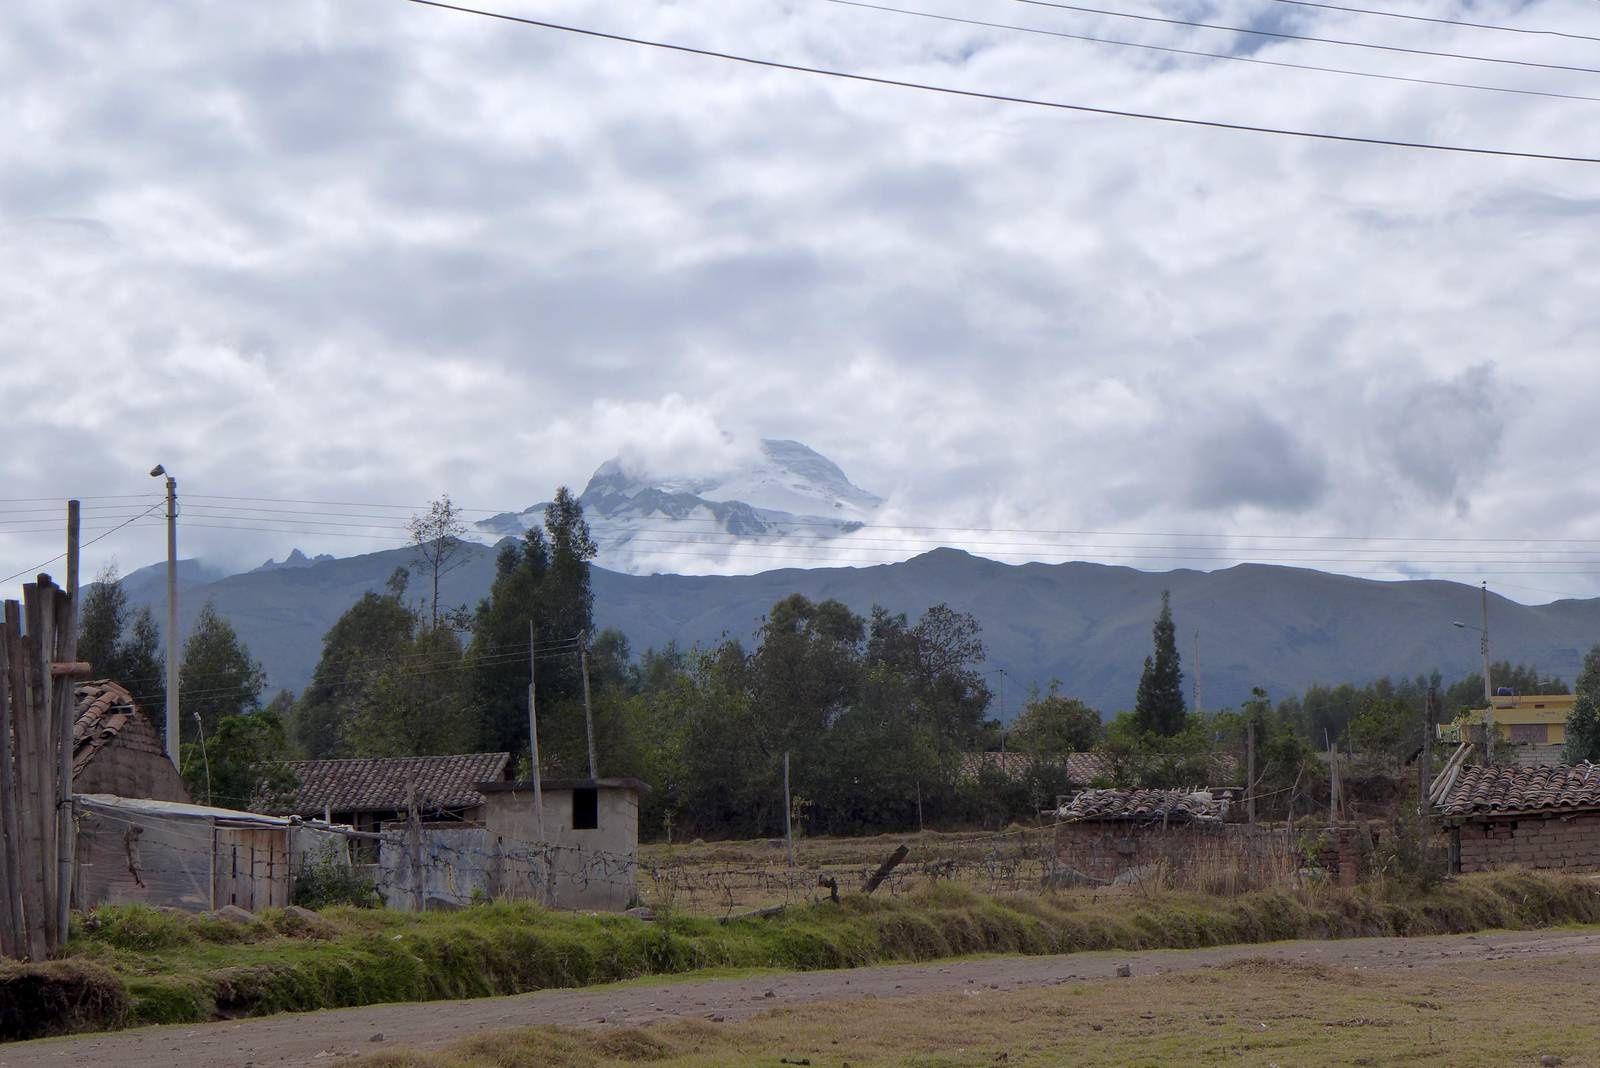 Juste avant de passer la première fois dans l'hémisphère sud, s'est dresser devant nous le Cayambe  c'est impressionnant volcan de 5785 M ! Proche de son sommet, à 4 600 m. se situe le point le plus haut sur la ligne de l'équateur